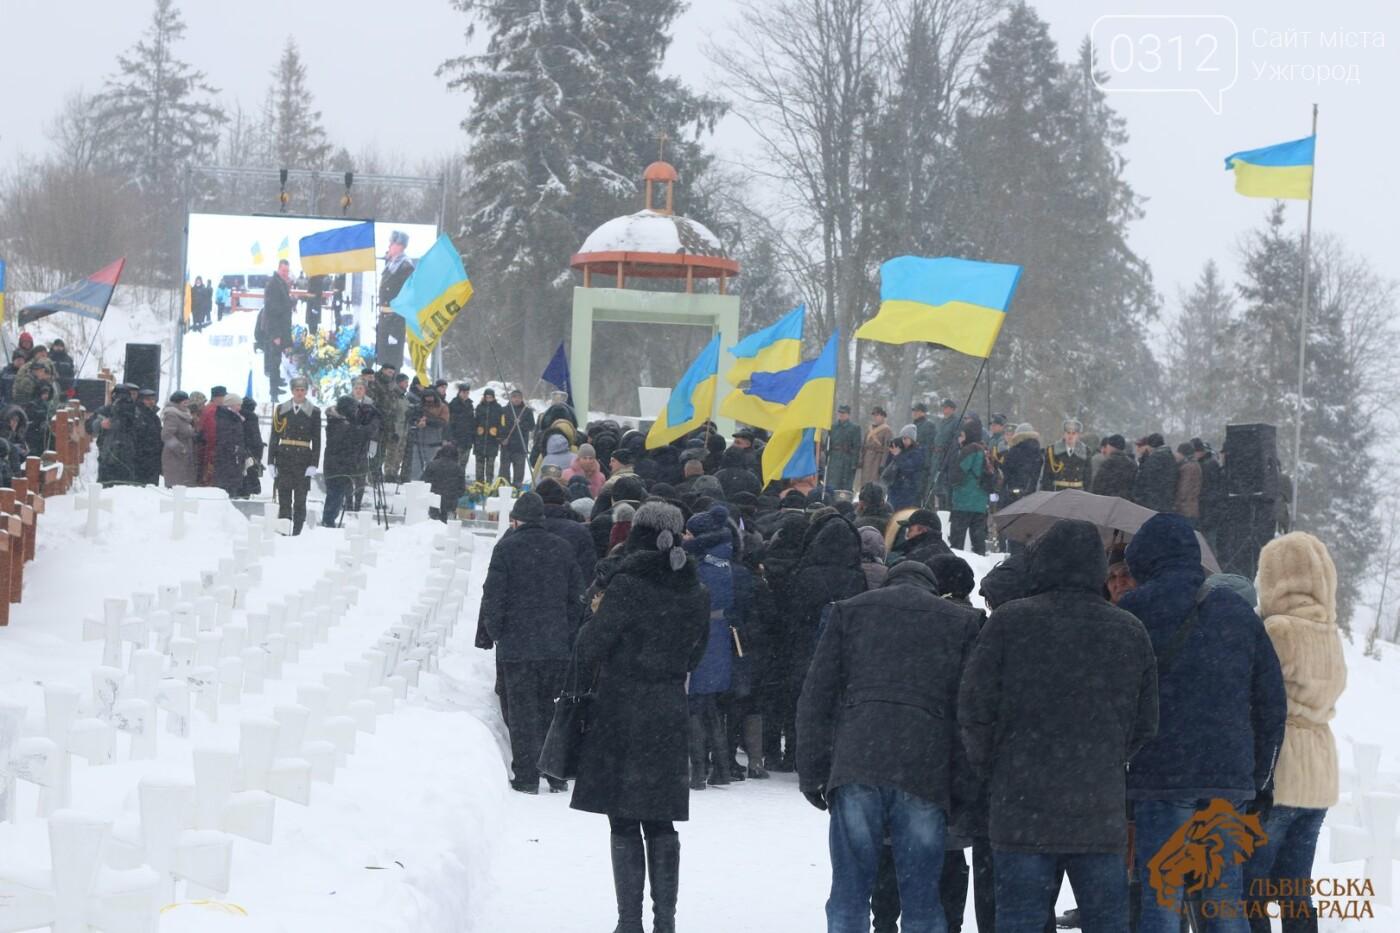 Закарпатці віддали шану полеглим січовикам Карпатської України на Верецькому перевалі (ФОТОРЕПОРТАЖ), фото-13